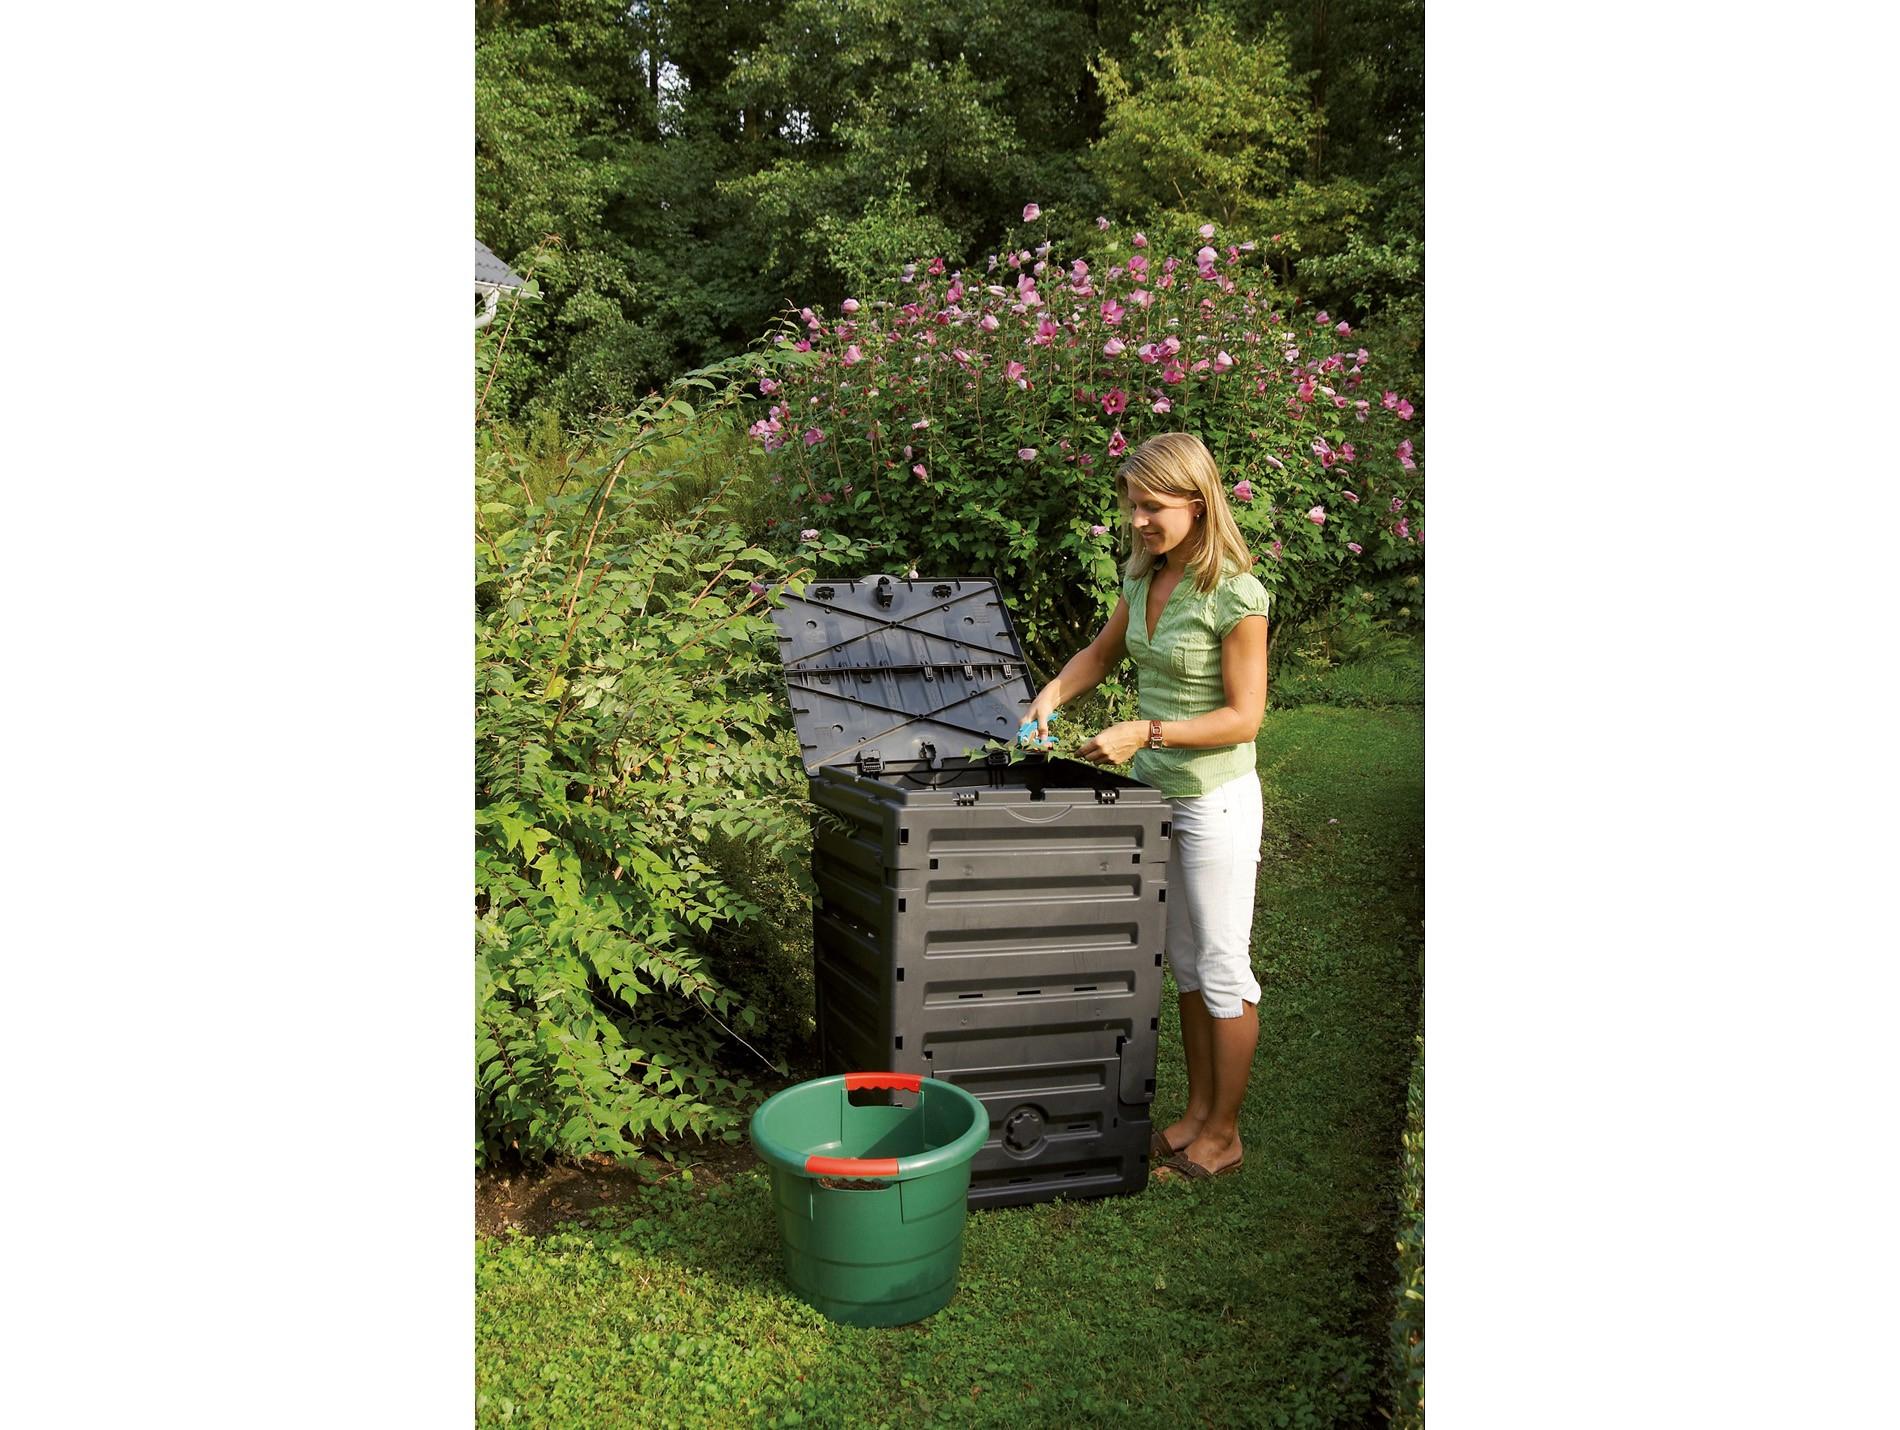 Composteur 300L Eco Master - Composteur, Incinérateur De ... encequiconcerne Incinérateur De Jardin